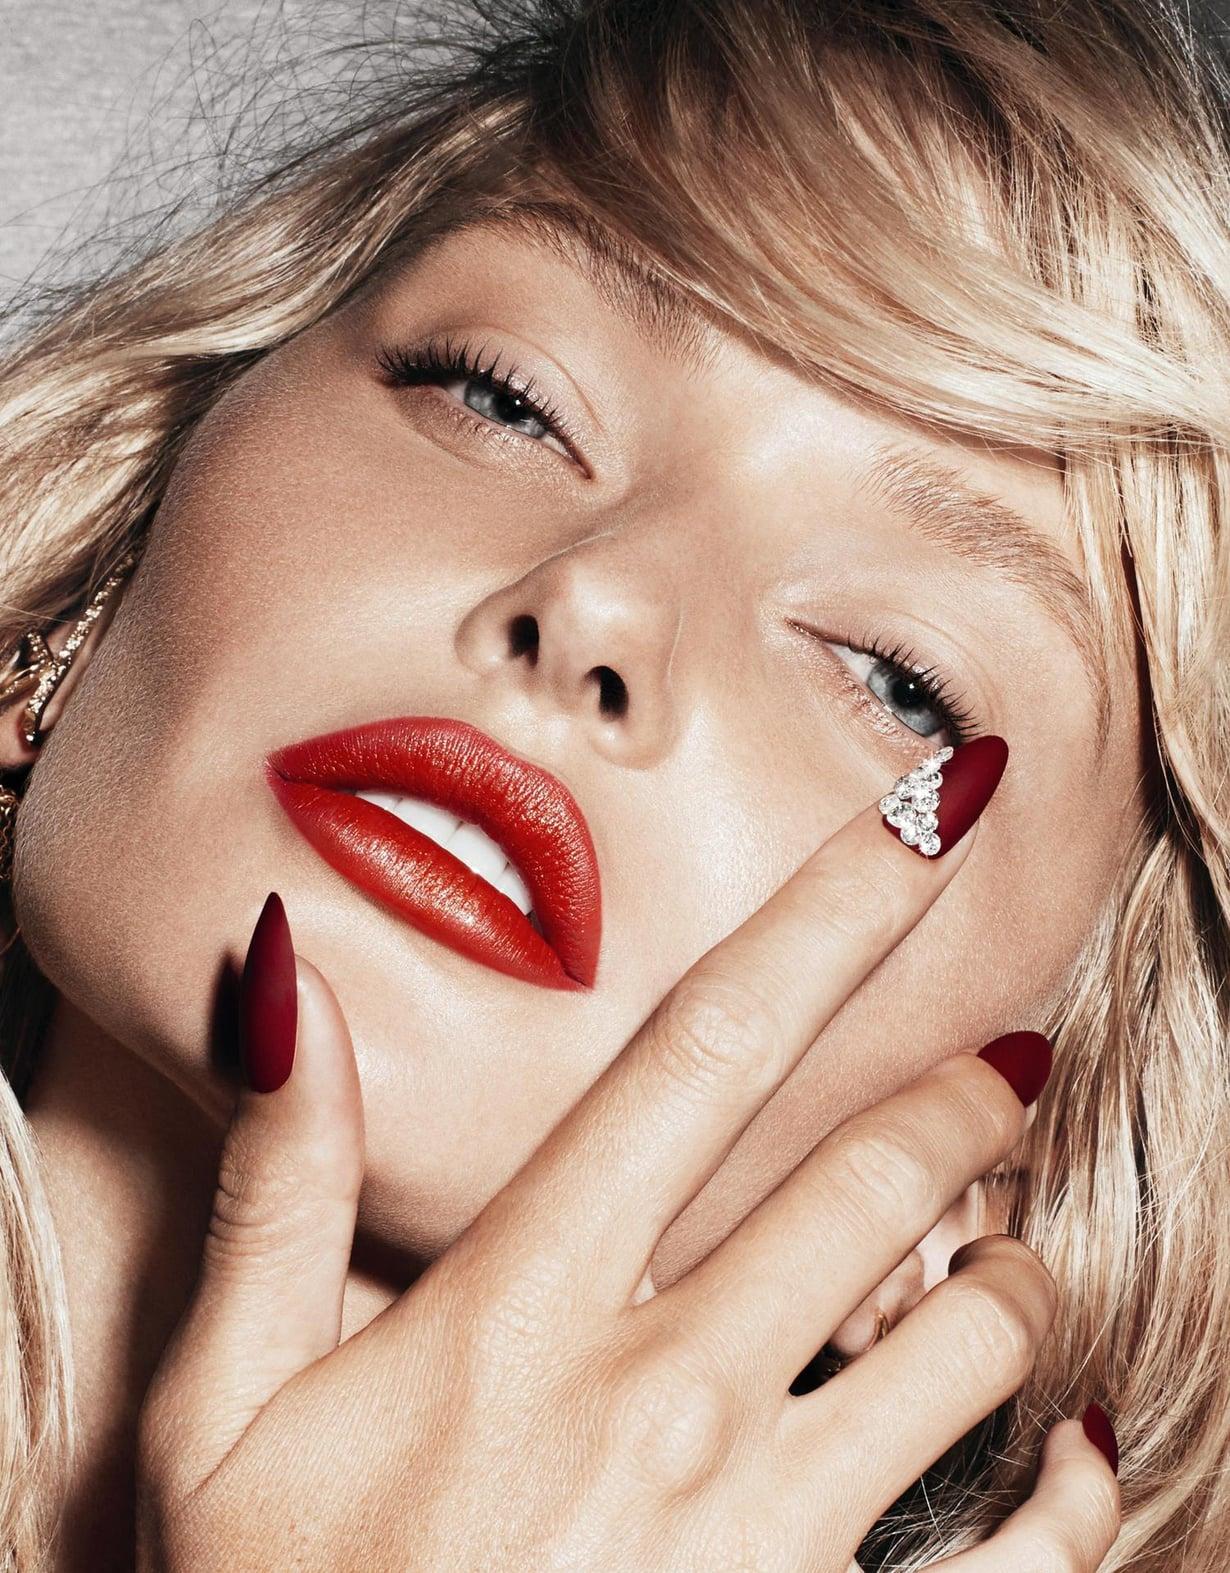 Huulimeikki pysyy, kun kuorit ja kosteutat huulesi ennen meikkausta. Täydellisesti rajatut Elsa Hosk -tyyliset huulet näyttävät aina luksukselta. Ne saat, kun taputtelet huulille ensin meikkivoidetta ja puuteroit huulten reunat kevyesti (puuteri estää punan karkaamisen). Sen jälkeen rajaa ja täytä huulet värittämällä huultenrajauskynällä. Tämä old school -tekniikka saa punan pysymään. Levitä  rajauskynän väristä huulipunaa. Kuvassa kynsissä Vero Krew Natural Diamondsin Rose- ja Clarity-timantteja